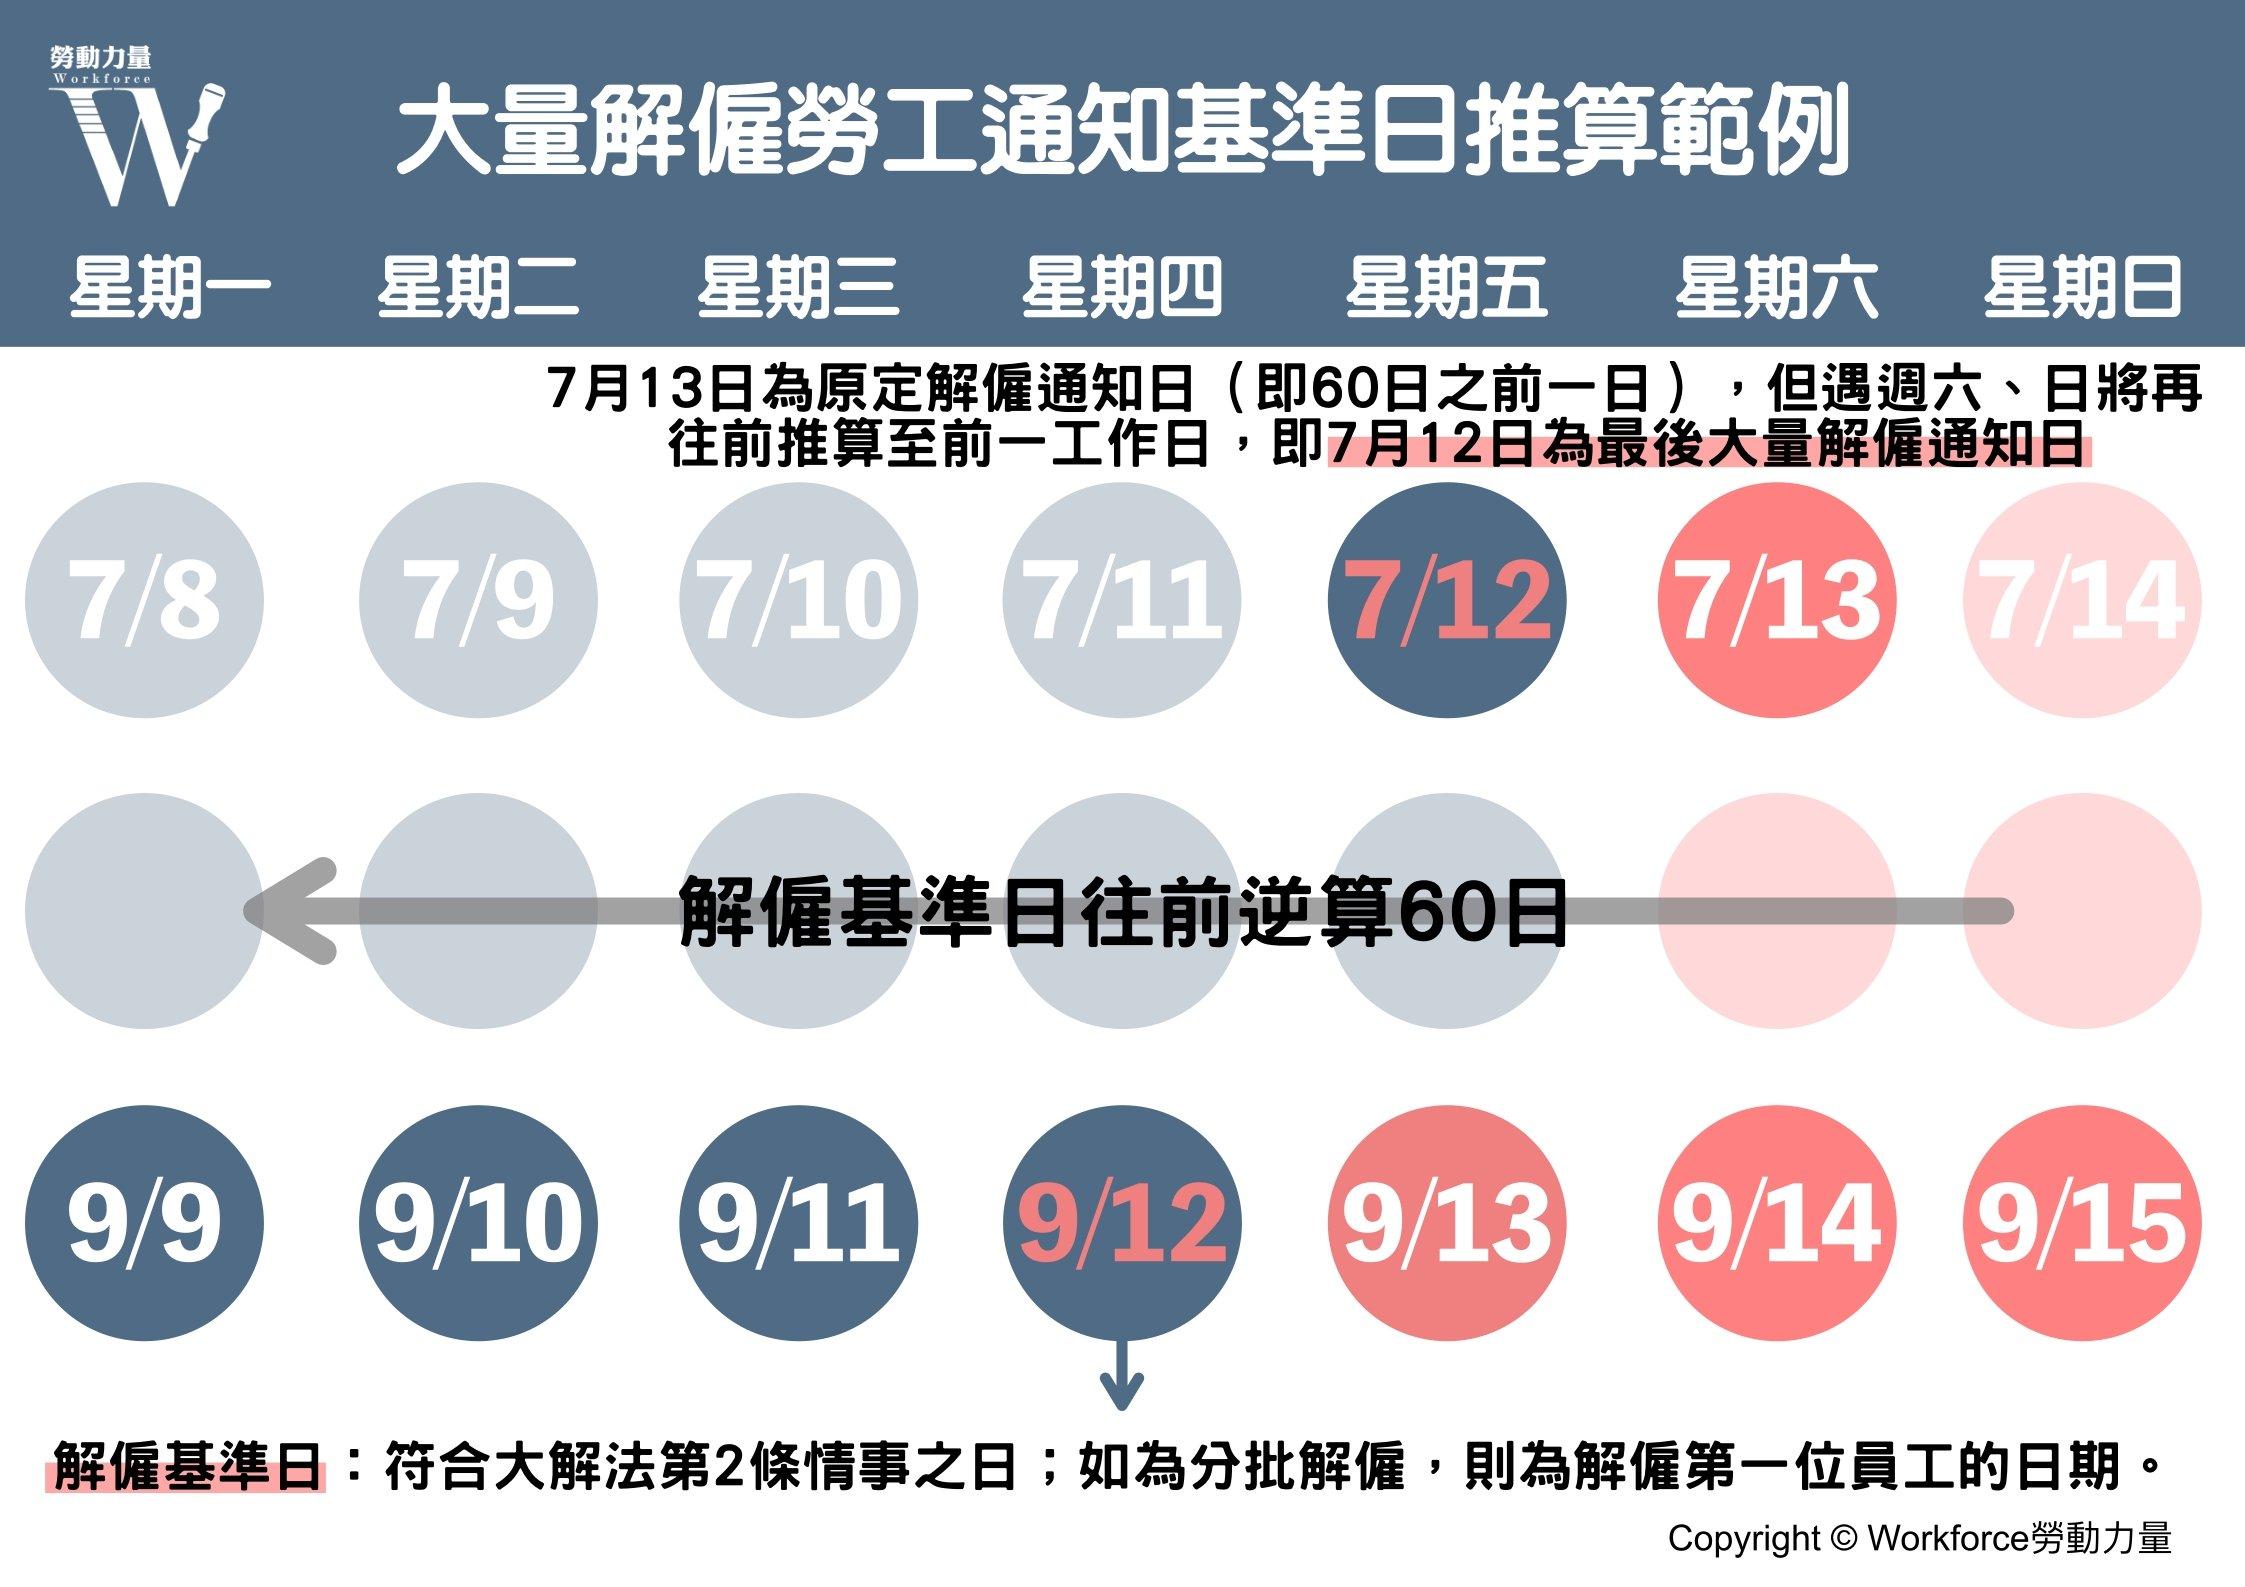 大量解僱通知日推算期間範例圖